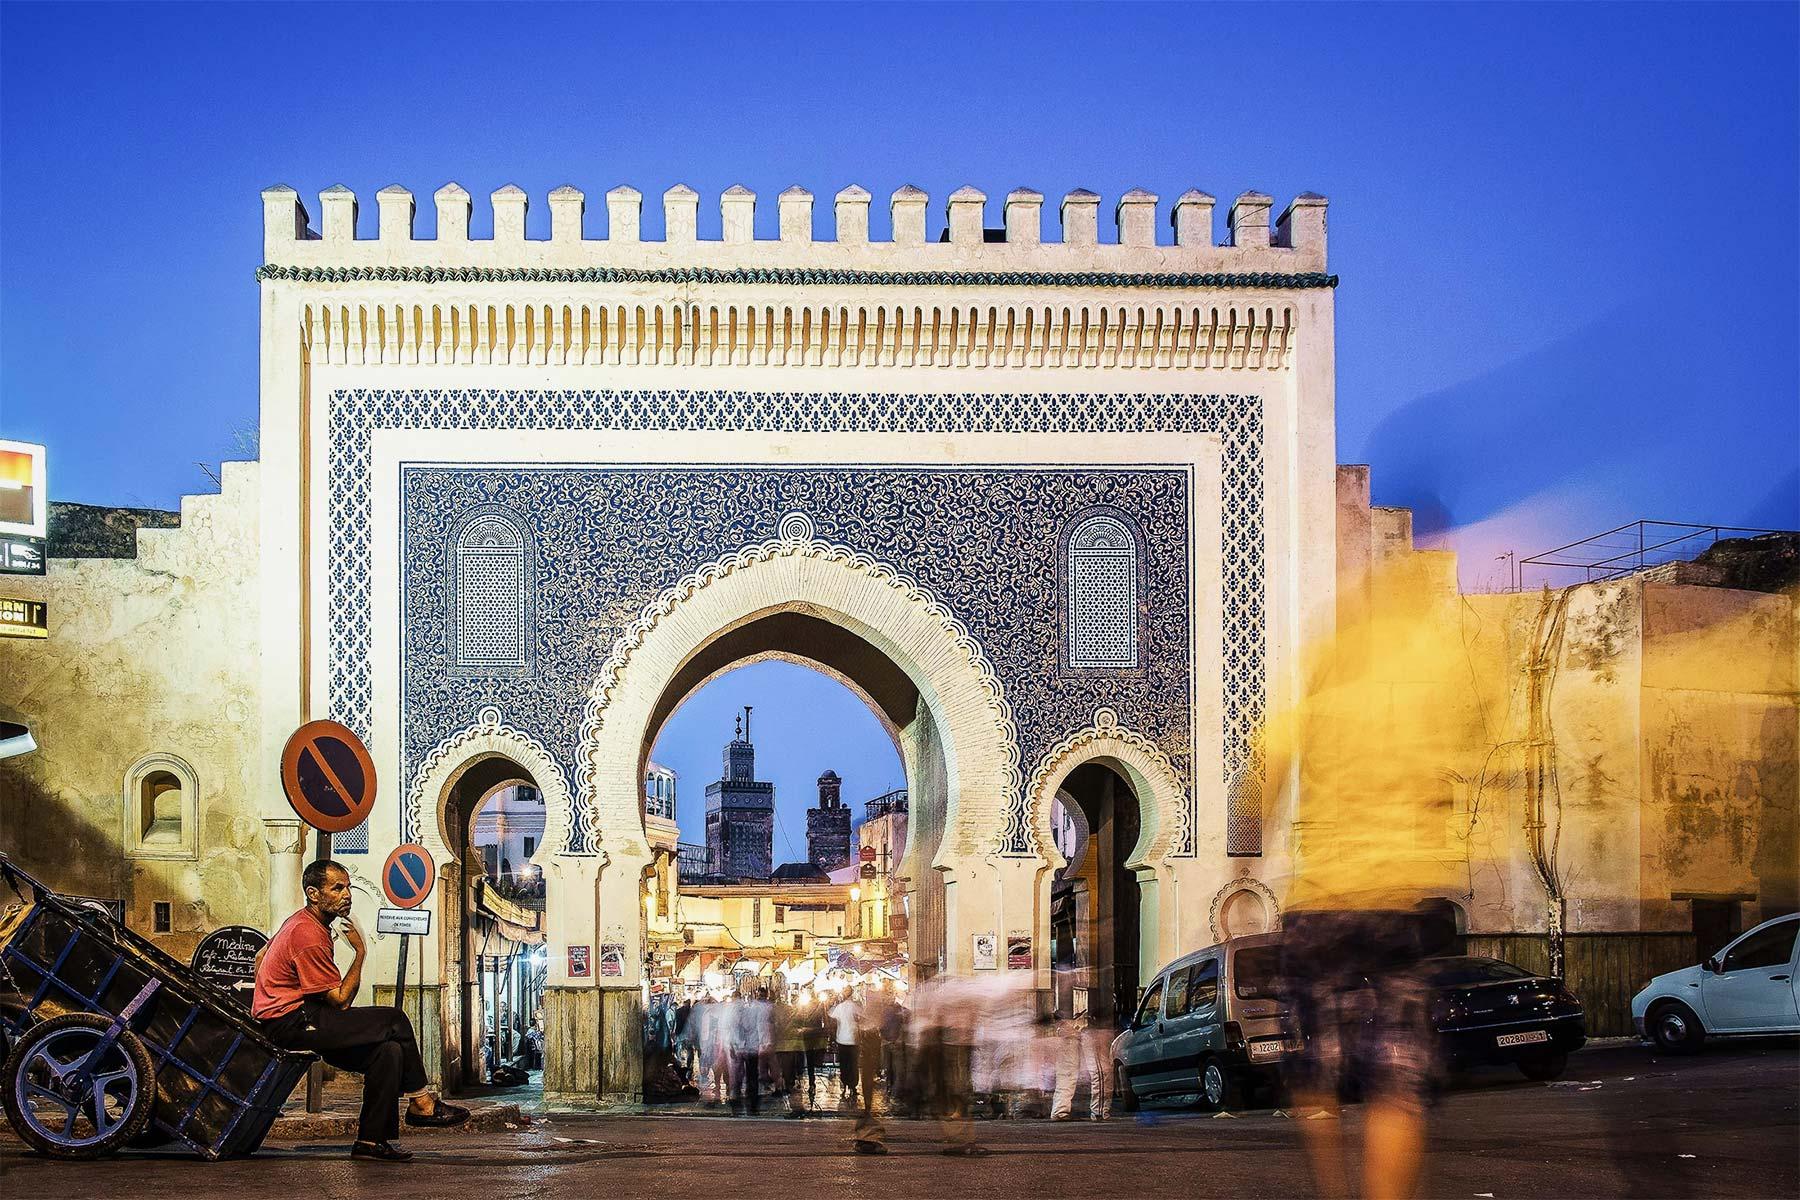 Imperial Cities & Desert 7 Days Marrakech